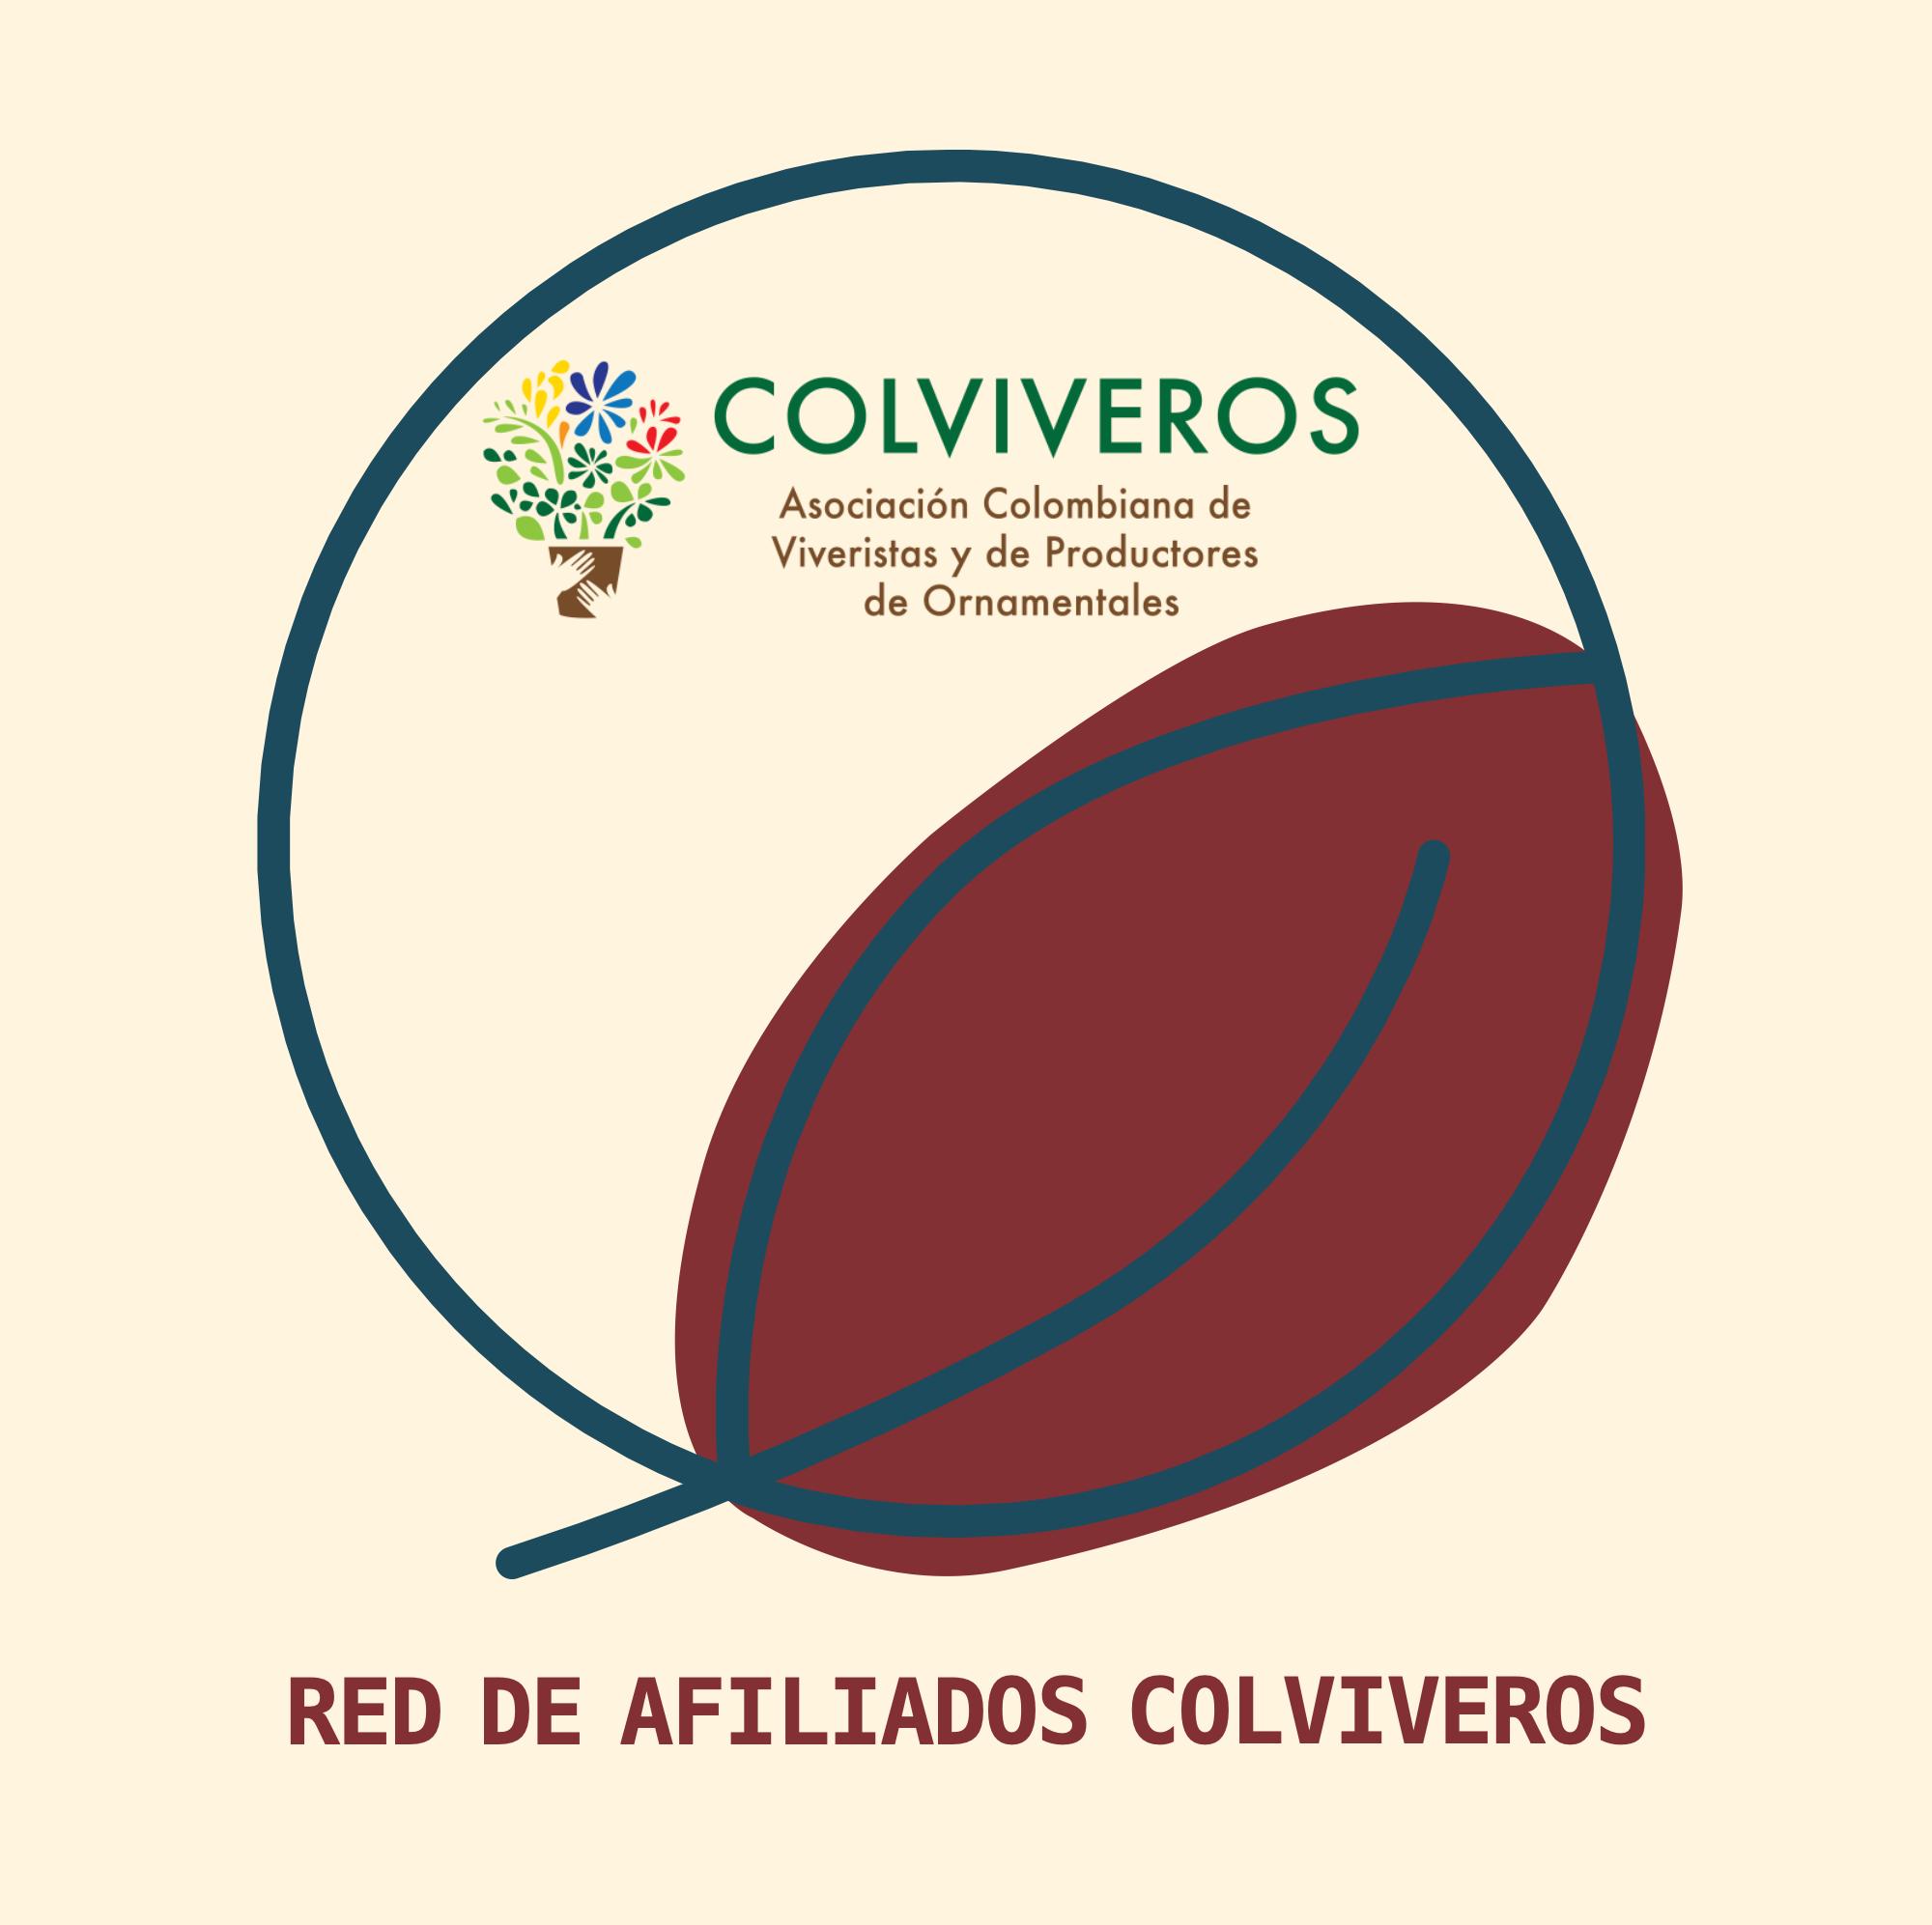 Asociación Colombiana de Viveristas y Productores de Ornamentales